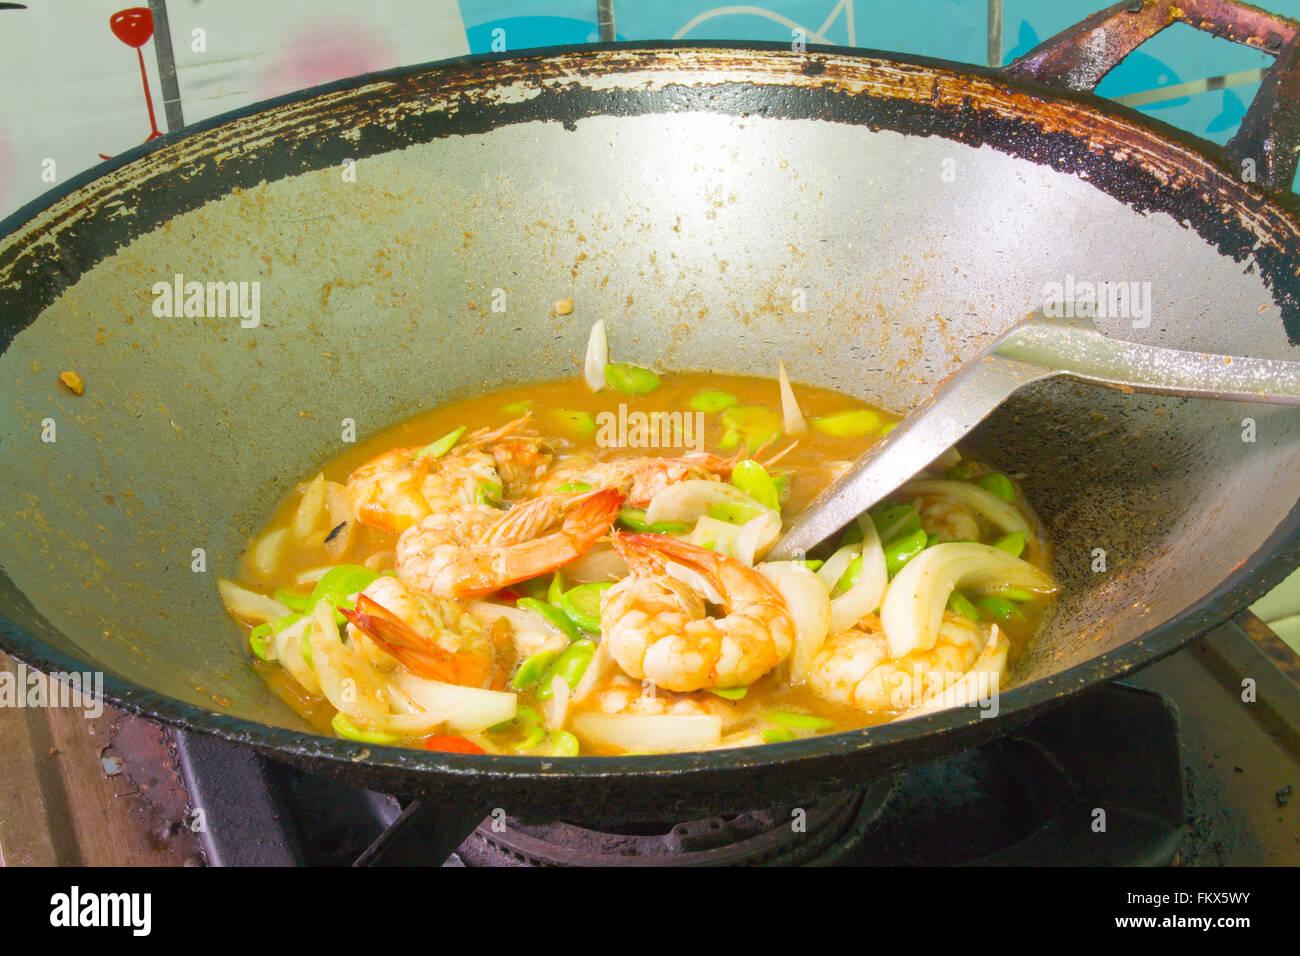 Gebraten Gestank Bohne mit Shrimps Thai-Küche Stockbild